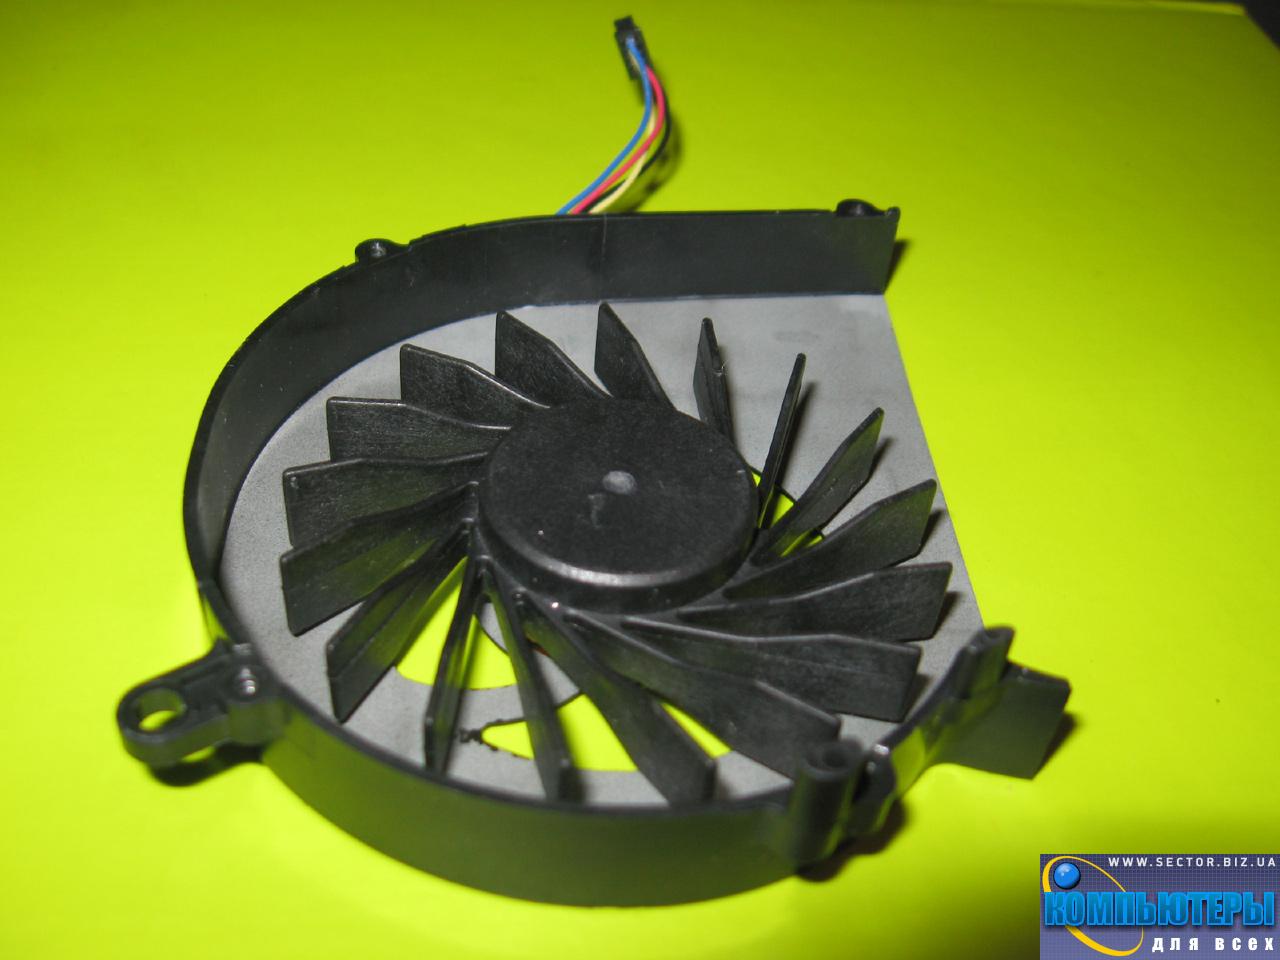 Кулер к ноутбуку HP Compaq CQ58 G58 650 655 2000 p/n: DFS531205MC0T FB7U. Фото № 1.